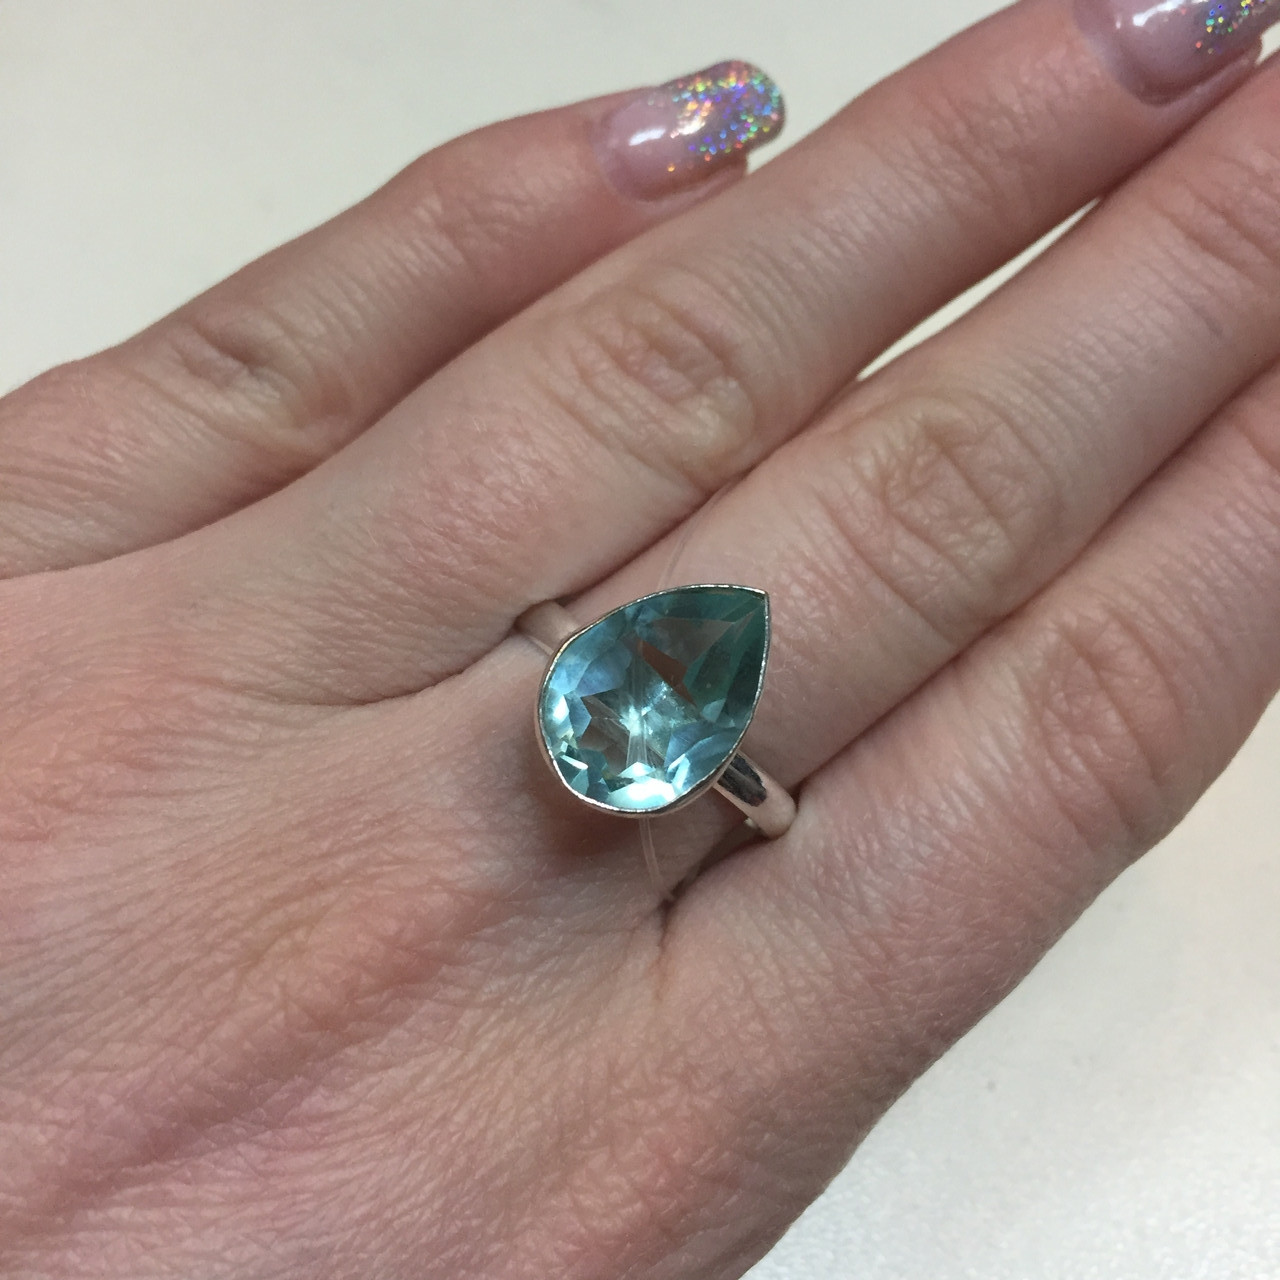 Зеленый аметист кольцо с аметистом в серебре 19 размер Индия